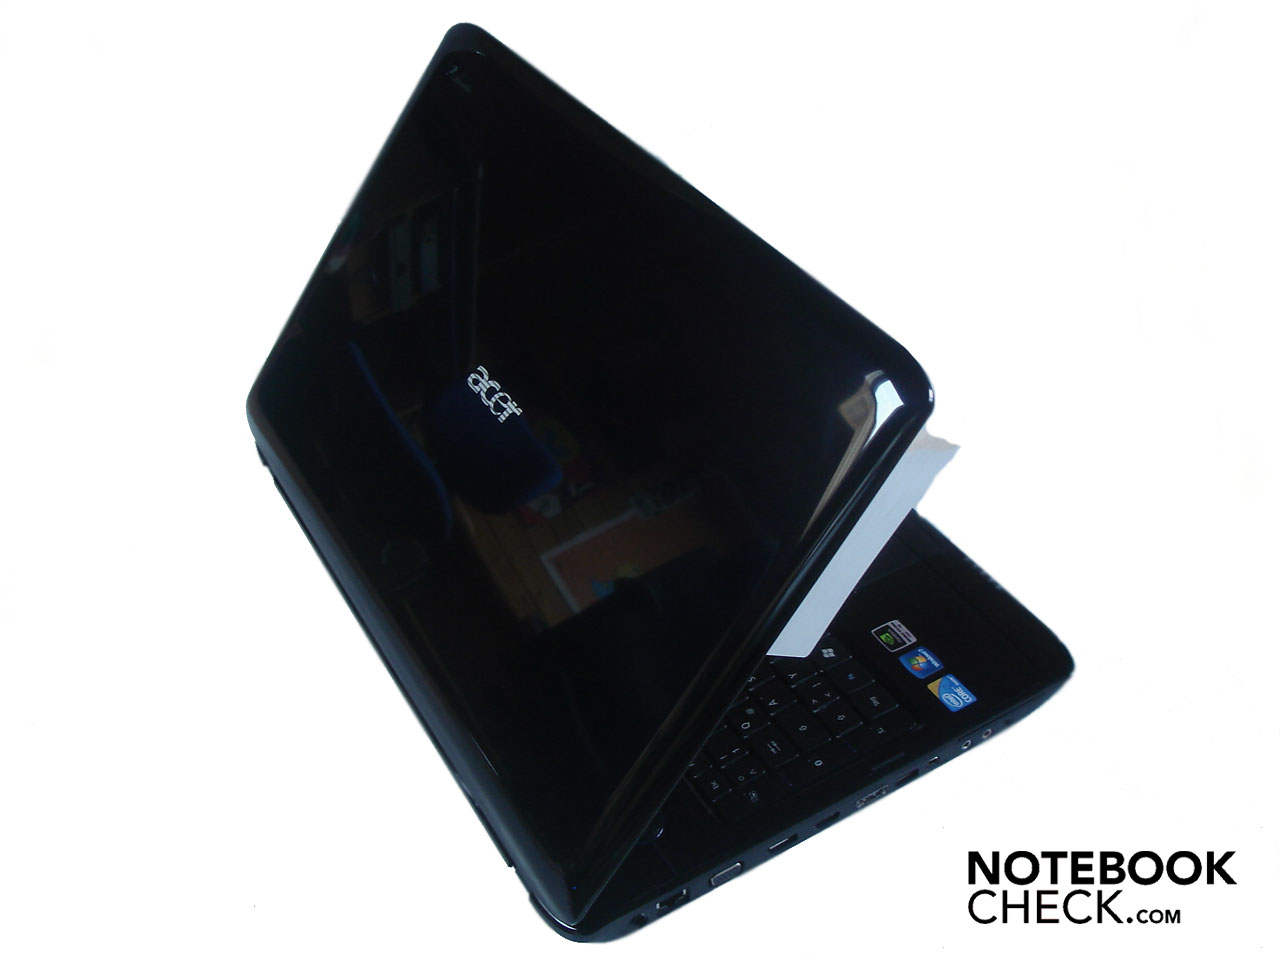 Acer Aspire 8940G Fingerprint Driver Windows